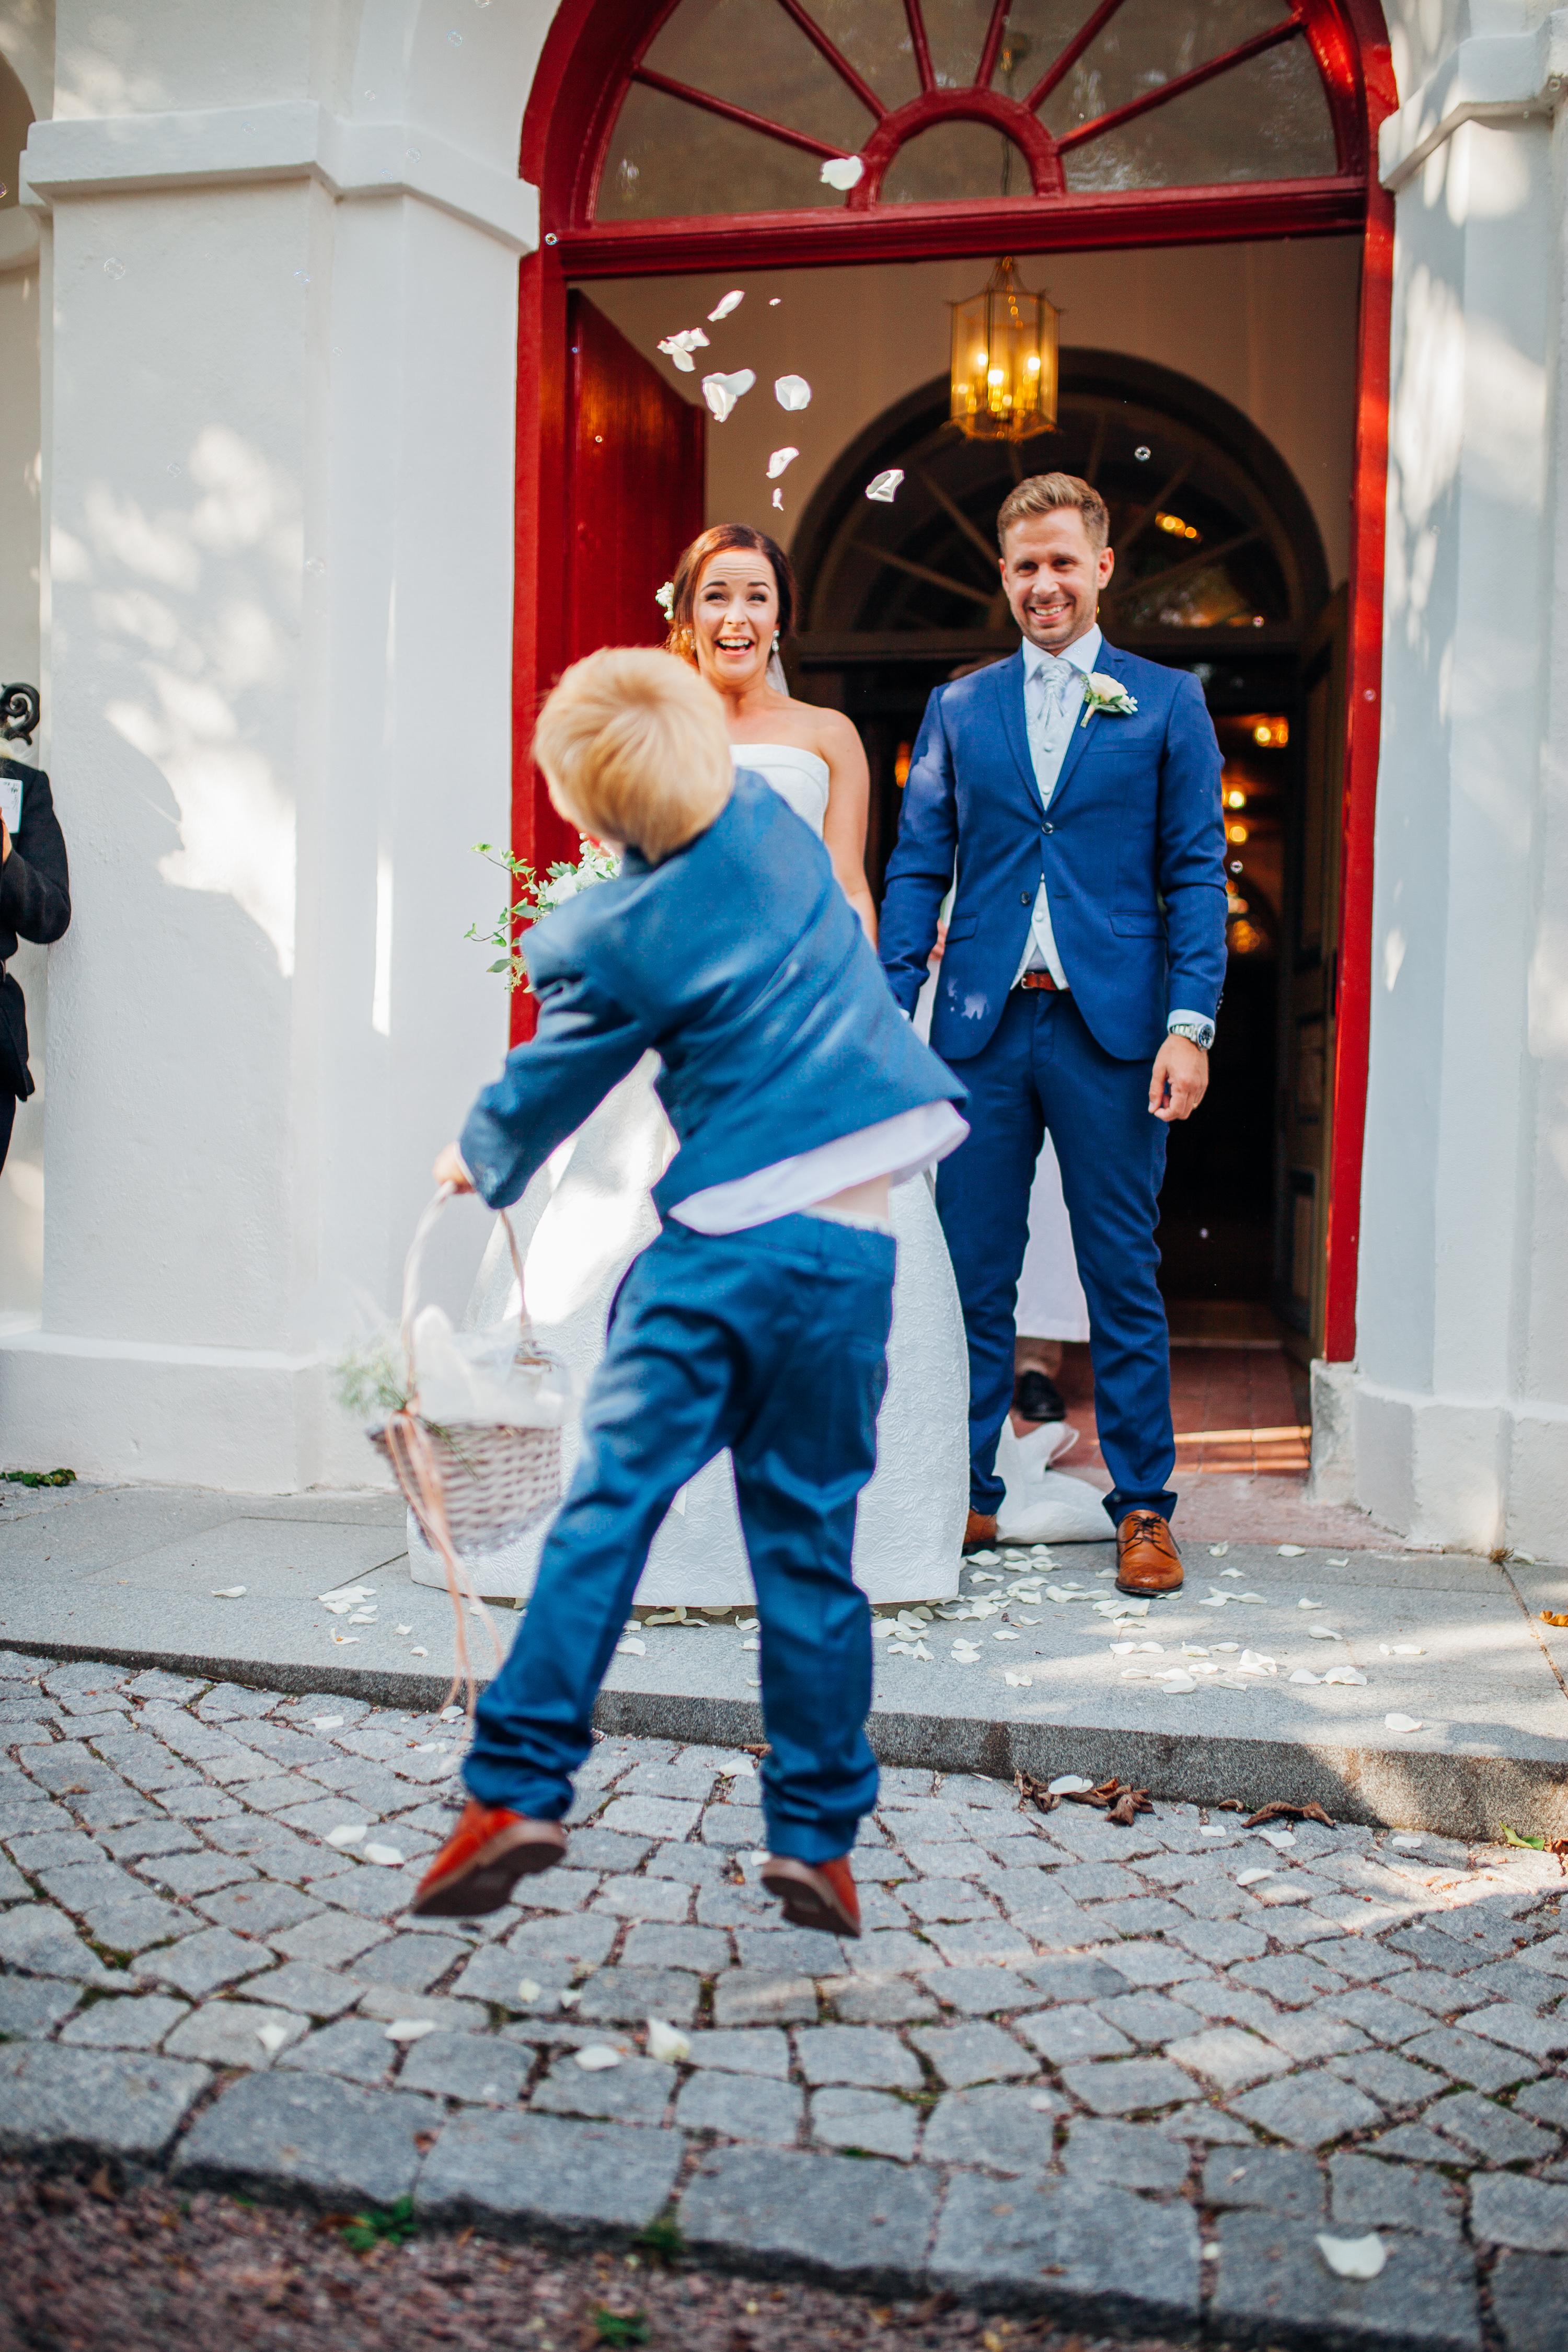 https://granslosabrollop.se/wp-content/uploads/2018/10/351-Christine-Hannes-Marstrand-Ulrika-Norman-Fotograf.jpg